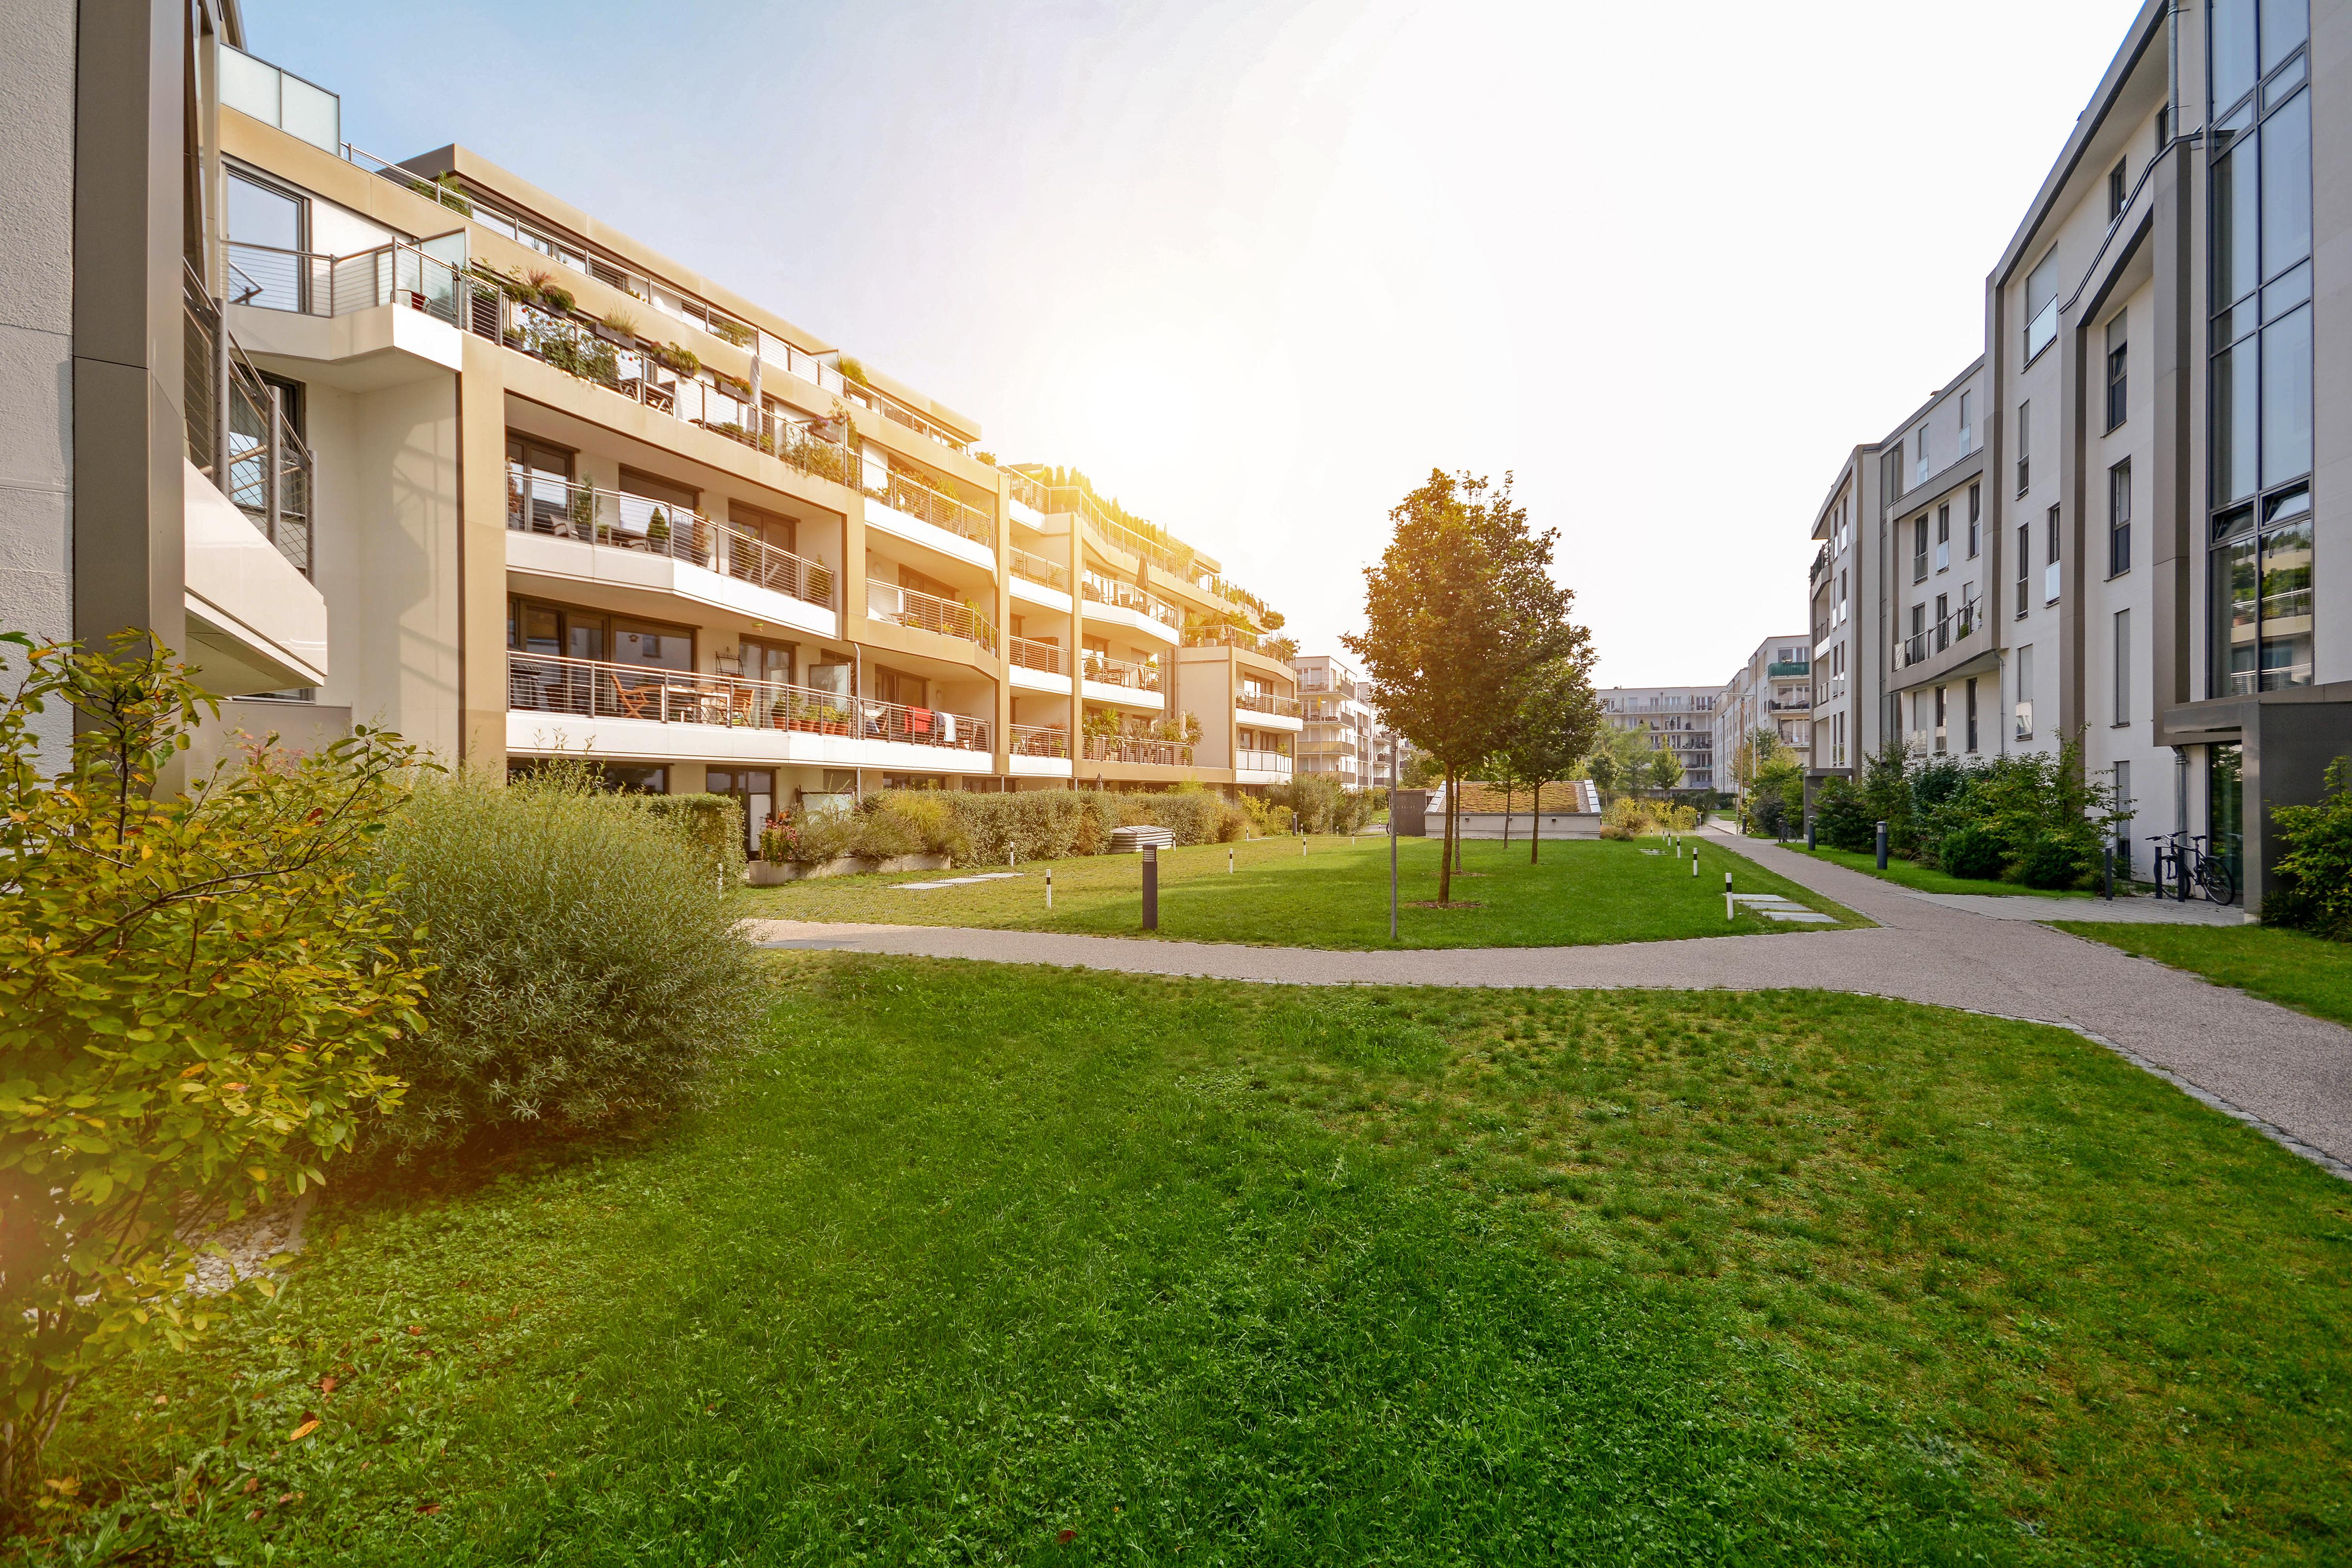 Дома в Словении, ВНЖ которой можно получить, купив недвижимость в стране